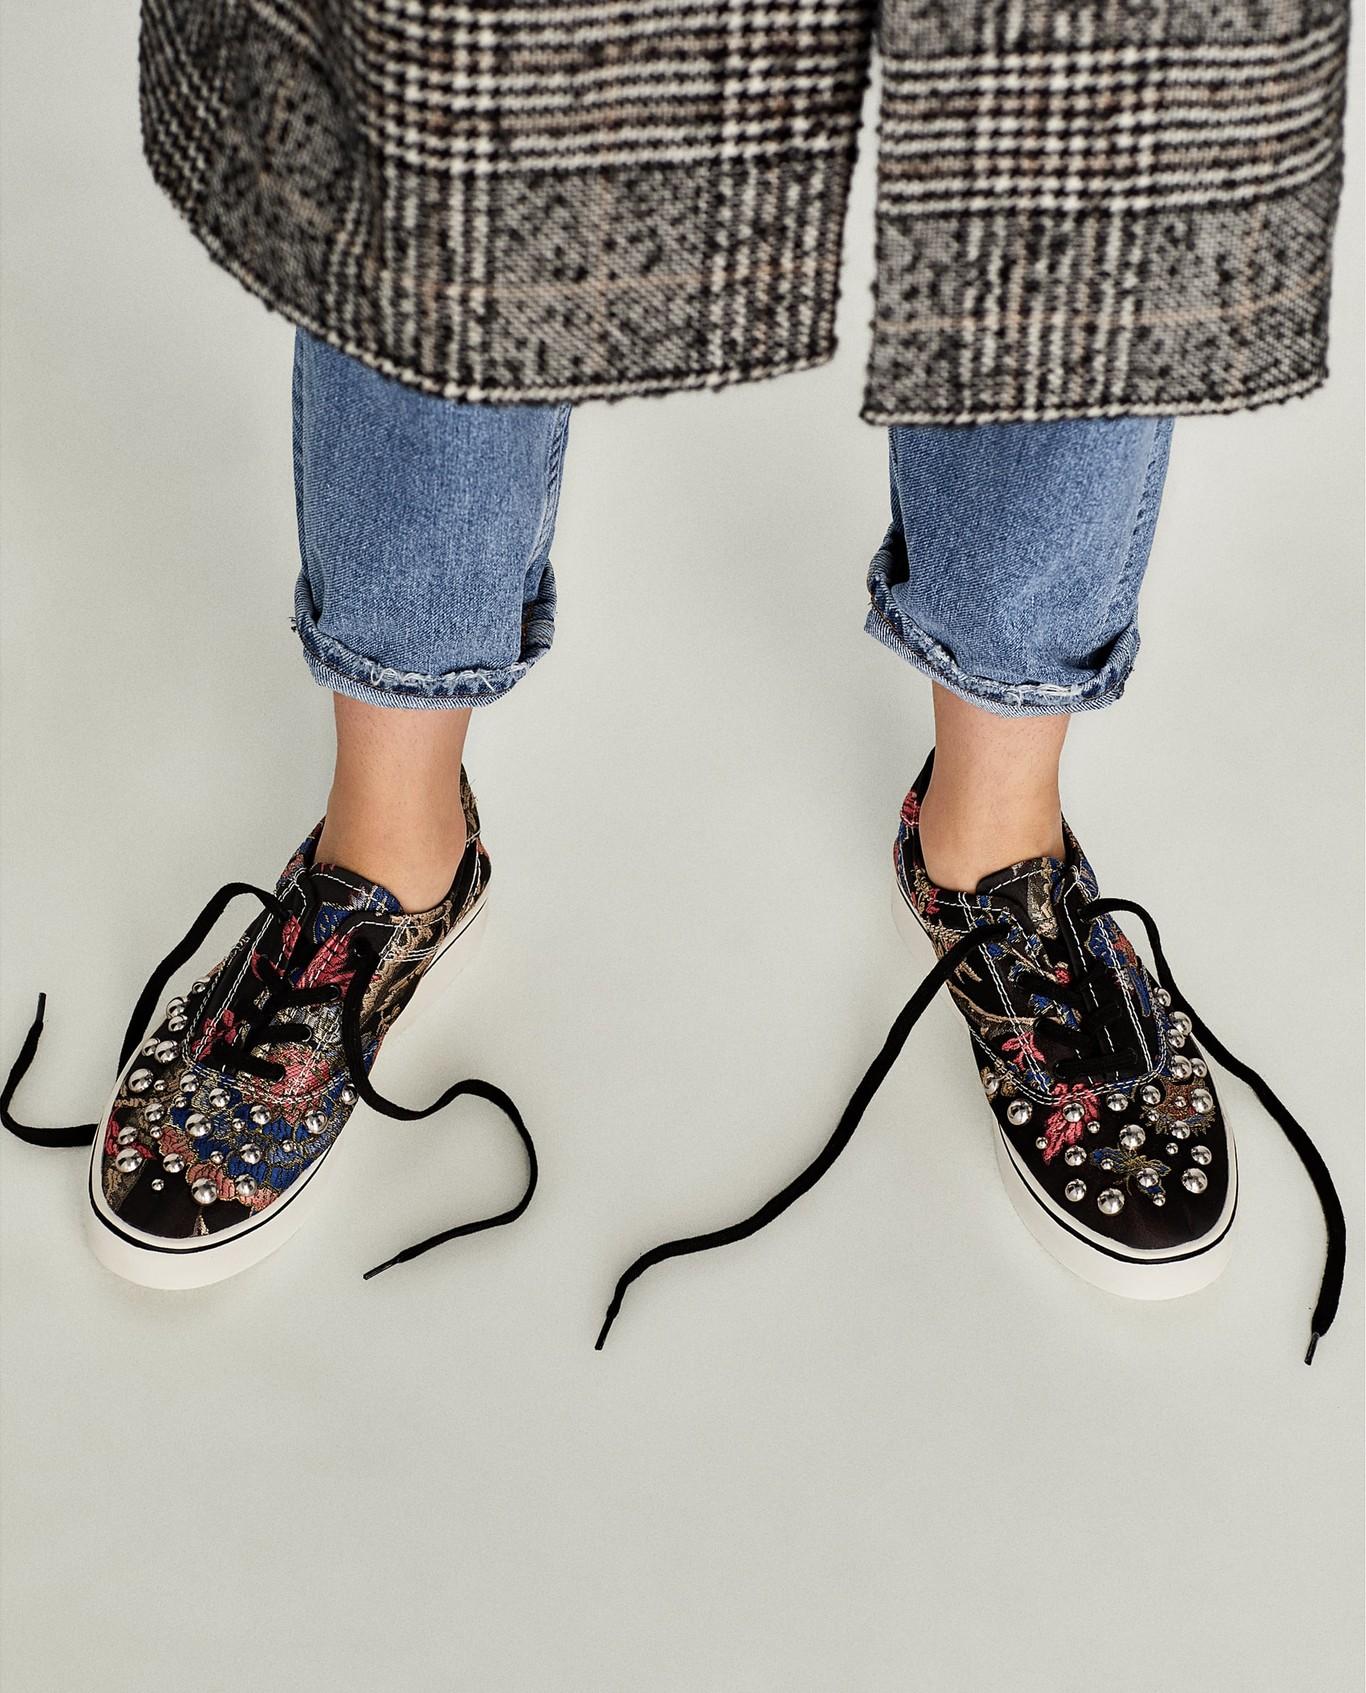 90a407d4 Las rebajas de Zara que estabas esperando ya han llegado: estos son los  mejores 55 zapatos por menos de 15,99 euros